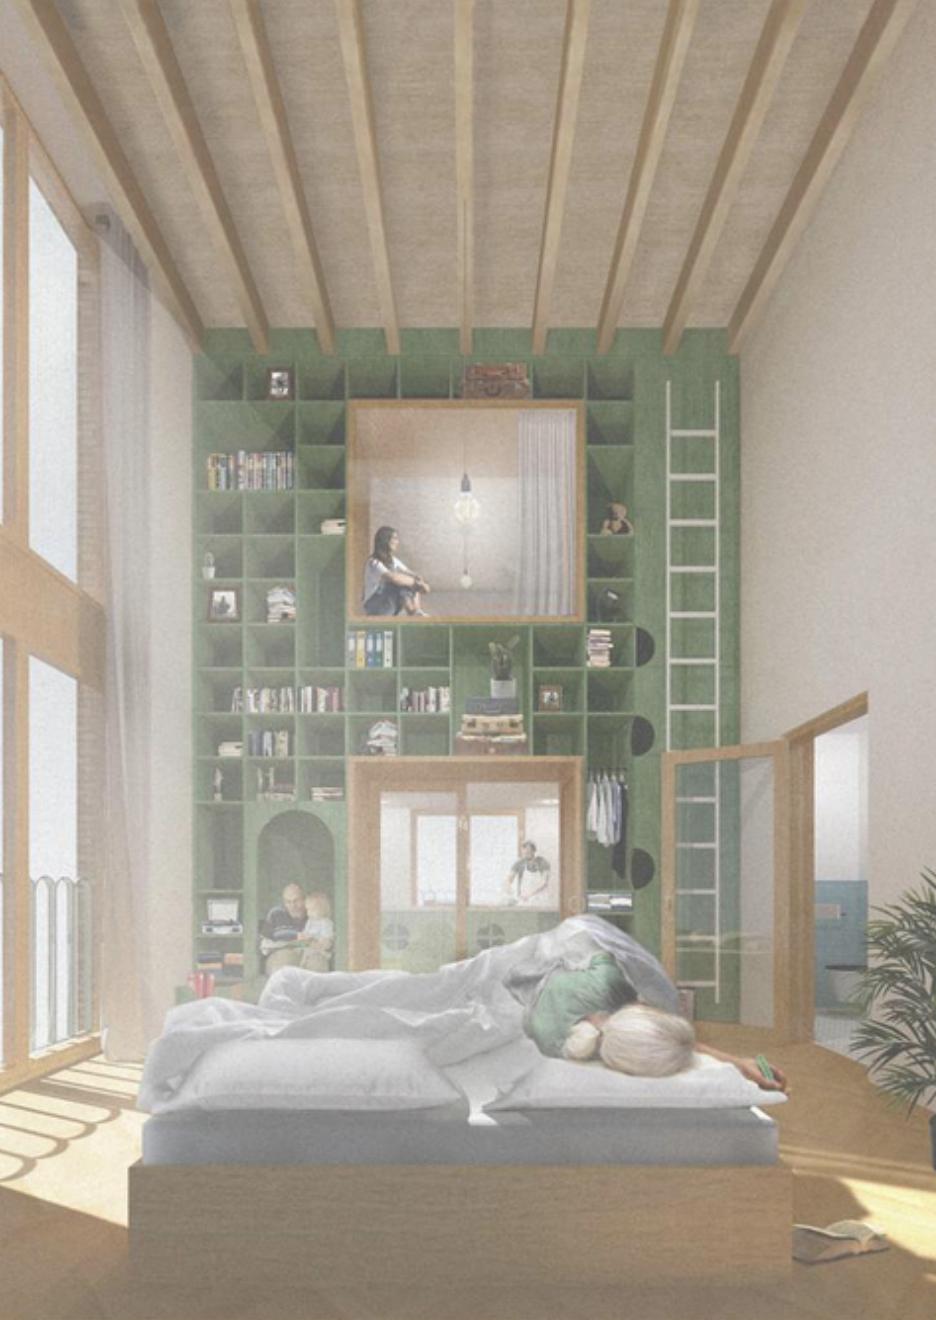 Christiaan Schuit's afstudeerproject 'van kamer tot kamer', gaat over een nieuwe inclusieve woonomgeving met aandacht voor mensen met dementie en hun naasten (2018)